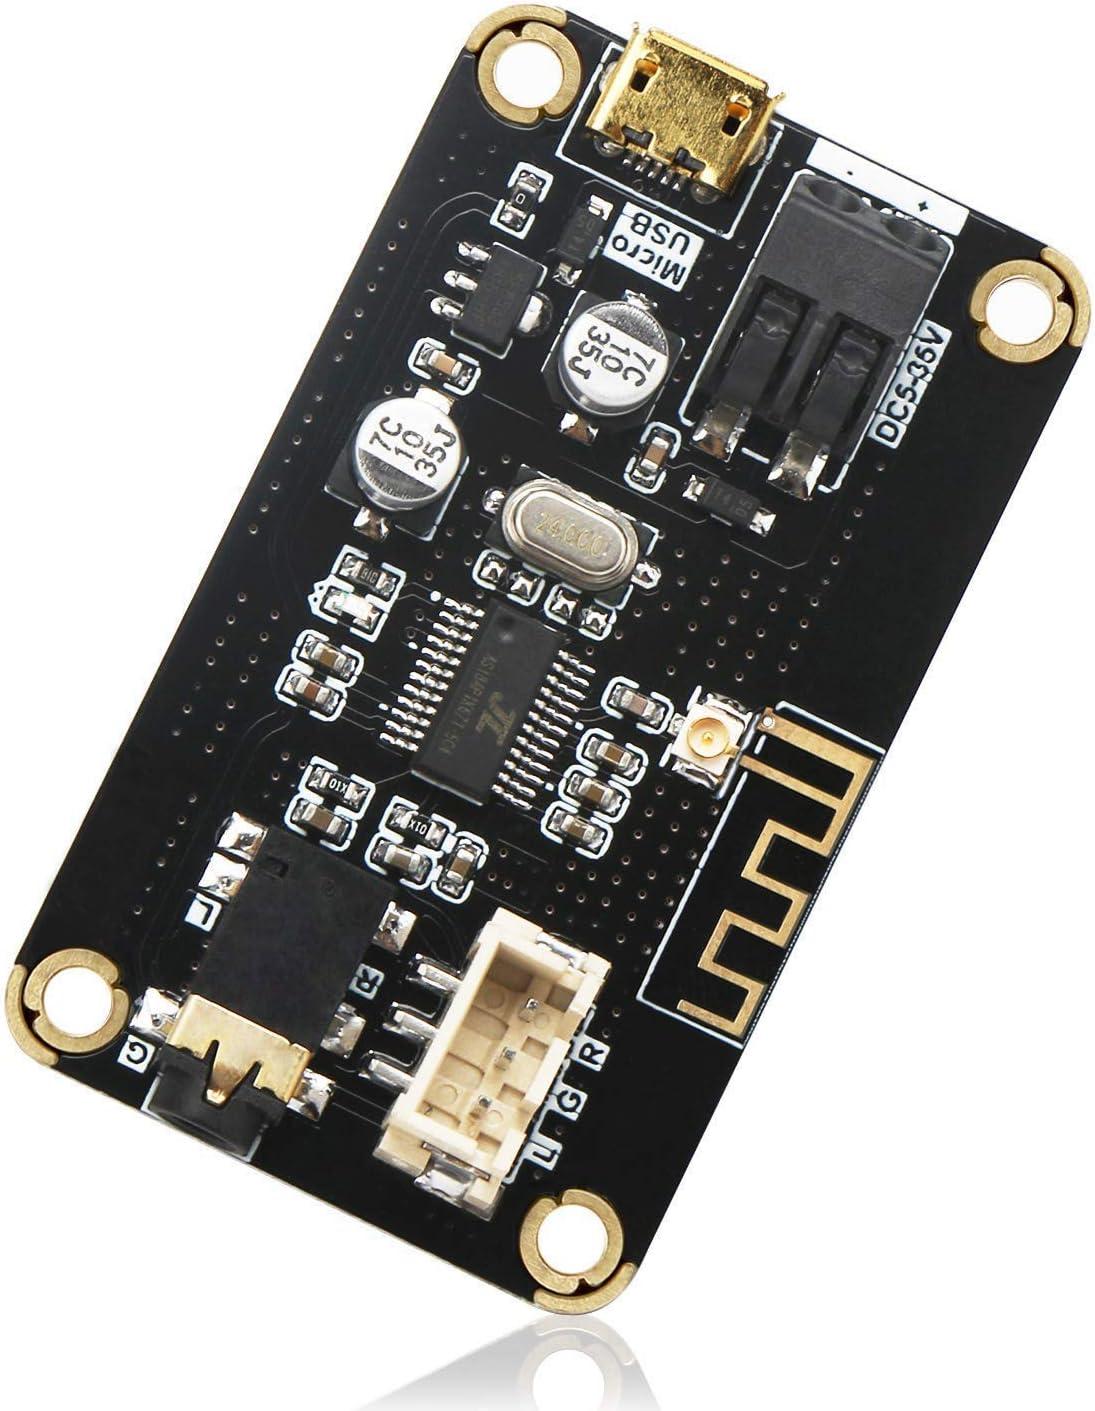 DollaTek Módulo de recepción Bluetooth, Tablero Receptor de Audio estéreo Bluetooth portátil AS1711BT DC 5-35V Electrónica inalámbrica Módulo Bluetooth Chip para Auriculares estéreo para el hogar DIY